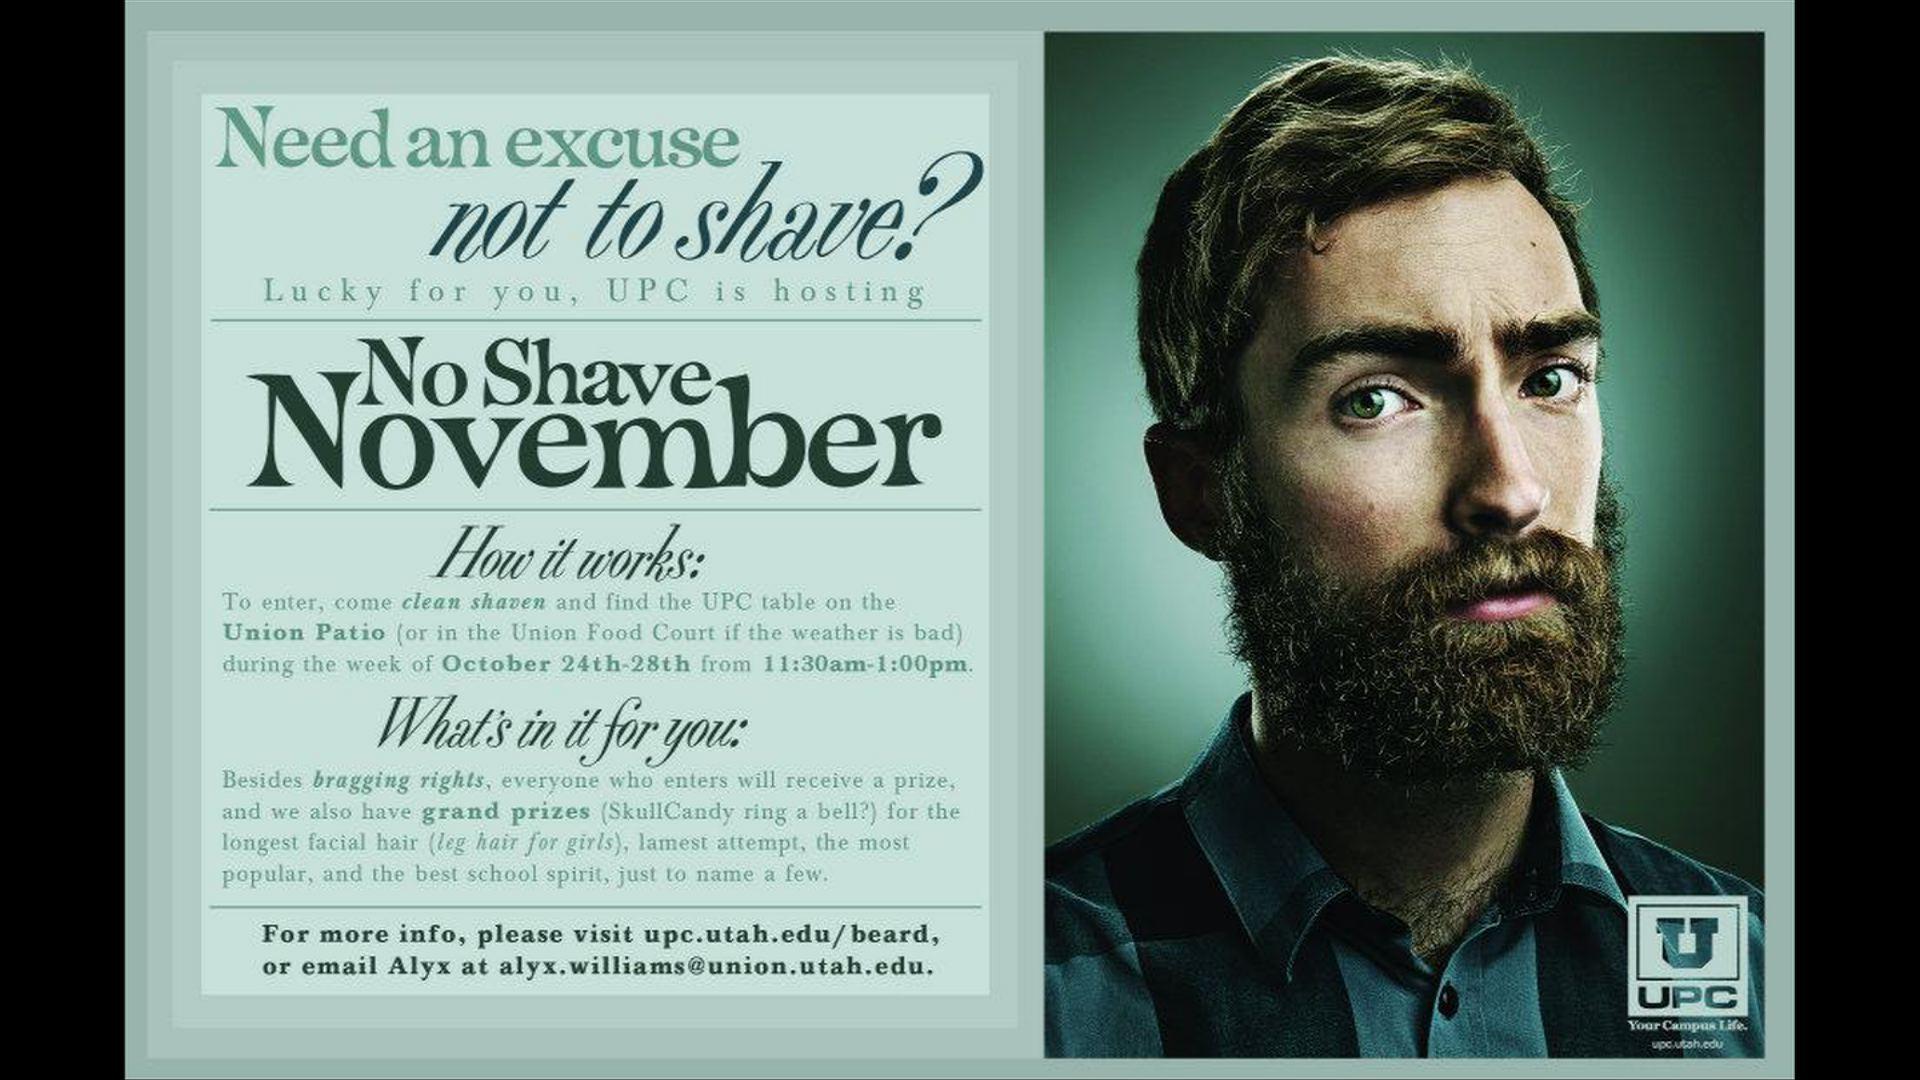 A Recap of No Shave November